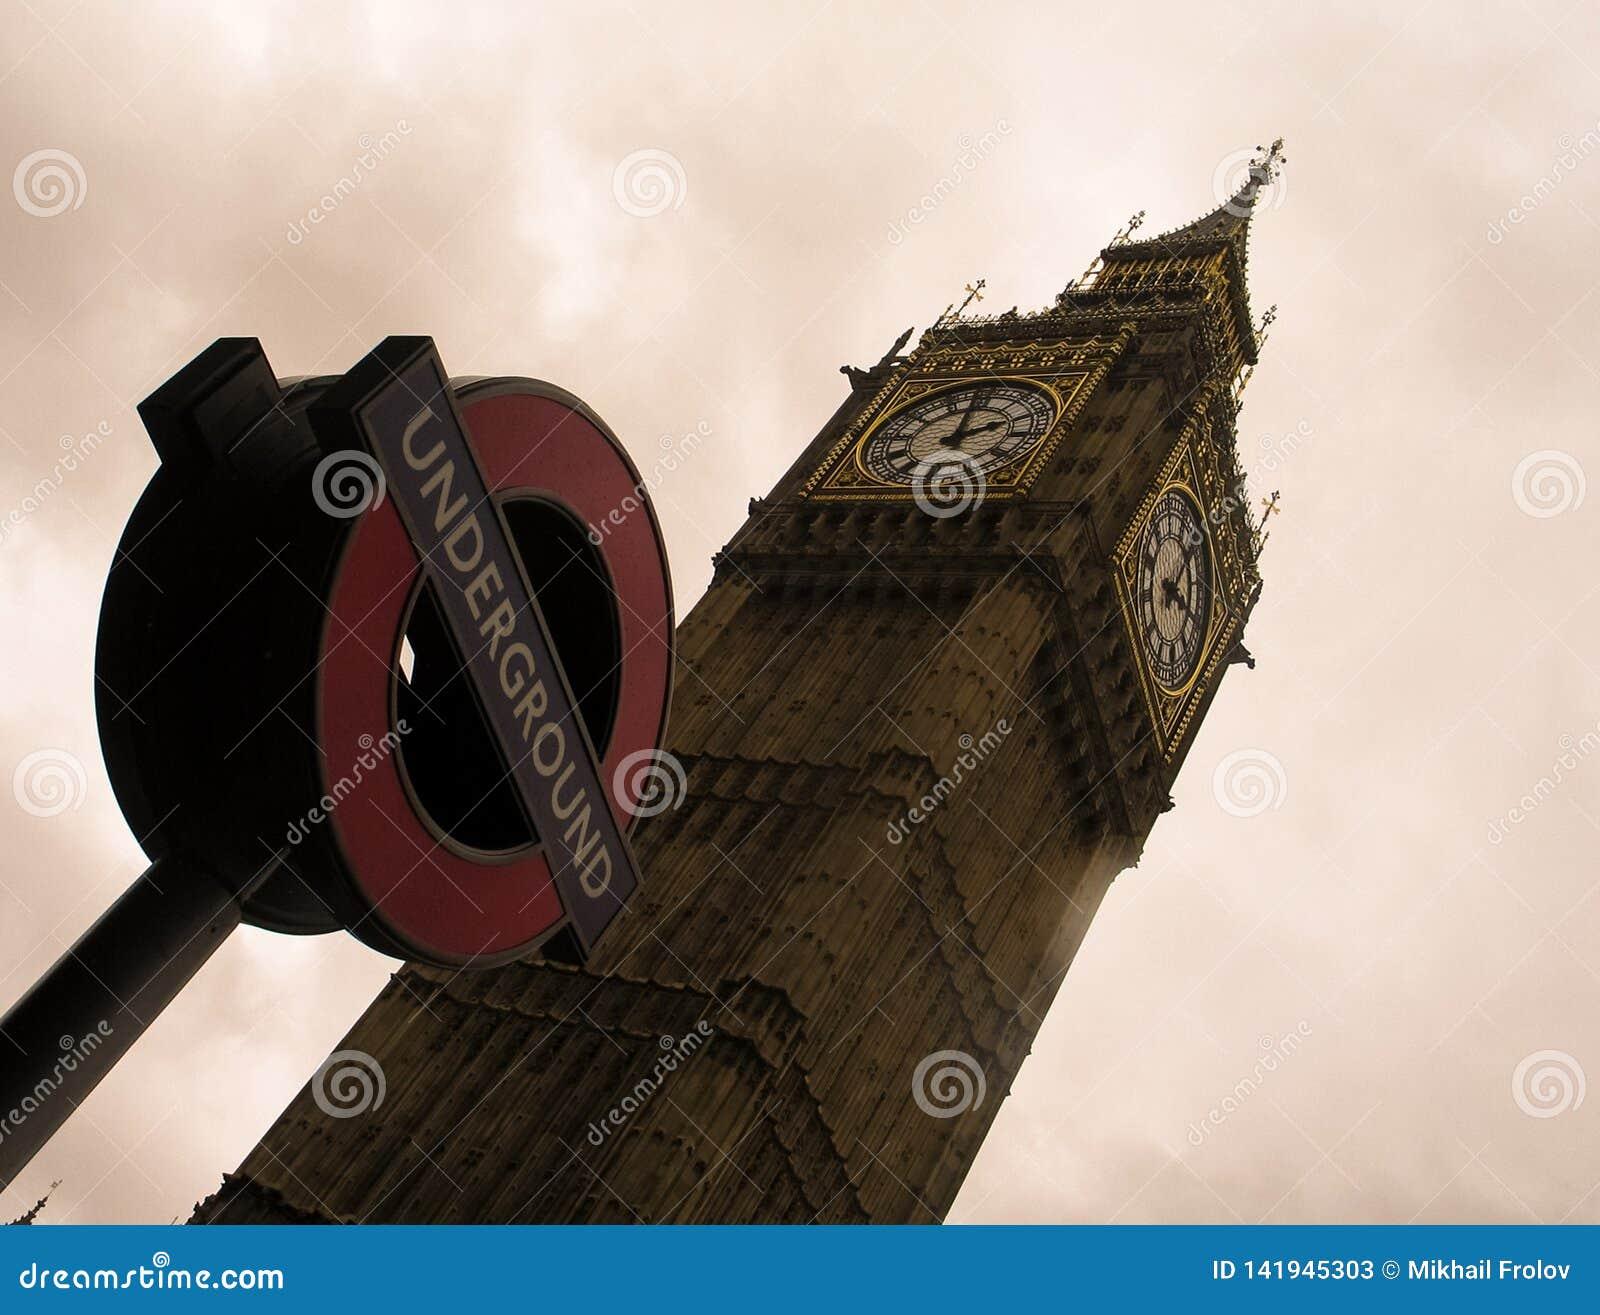 Torre de Big Ben y la muestra del metro de Londres contra un cielo nublado